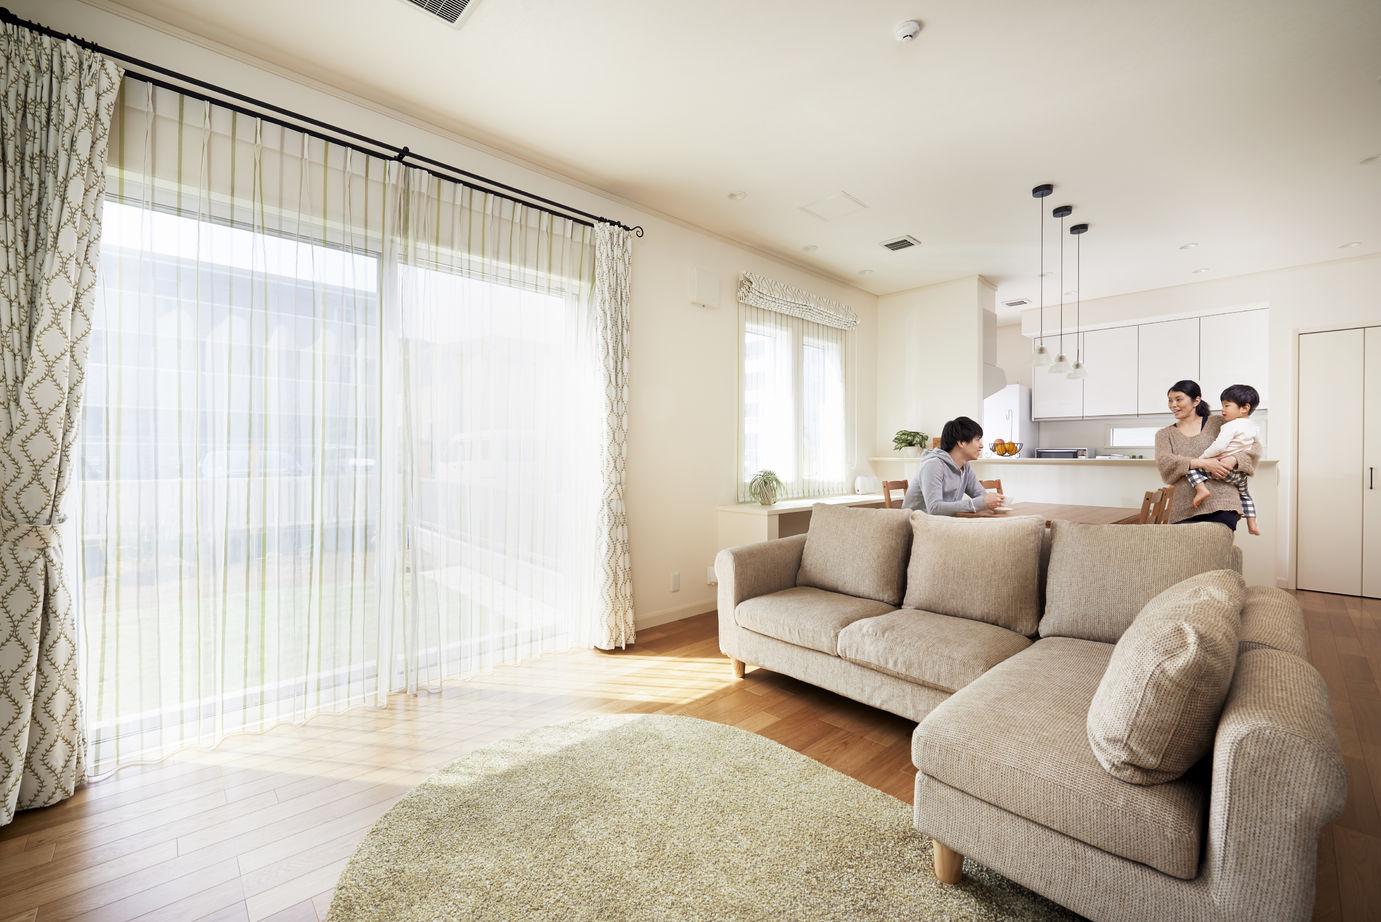 健康空調で家中がいつも一定の室温 オープンな間取りで伸び伸び暮らす画像1